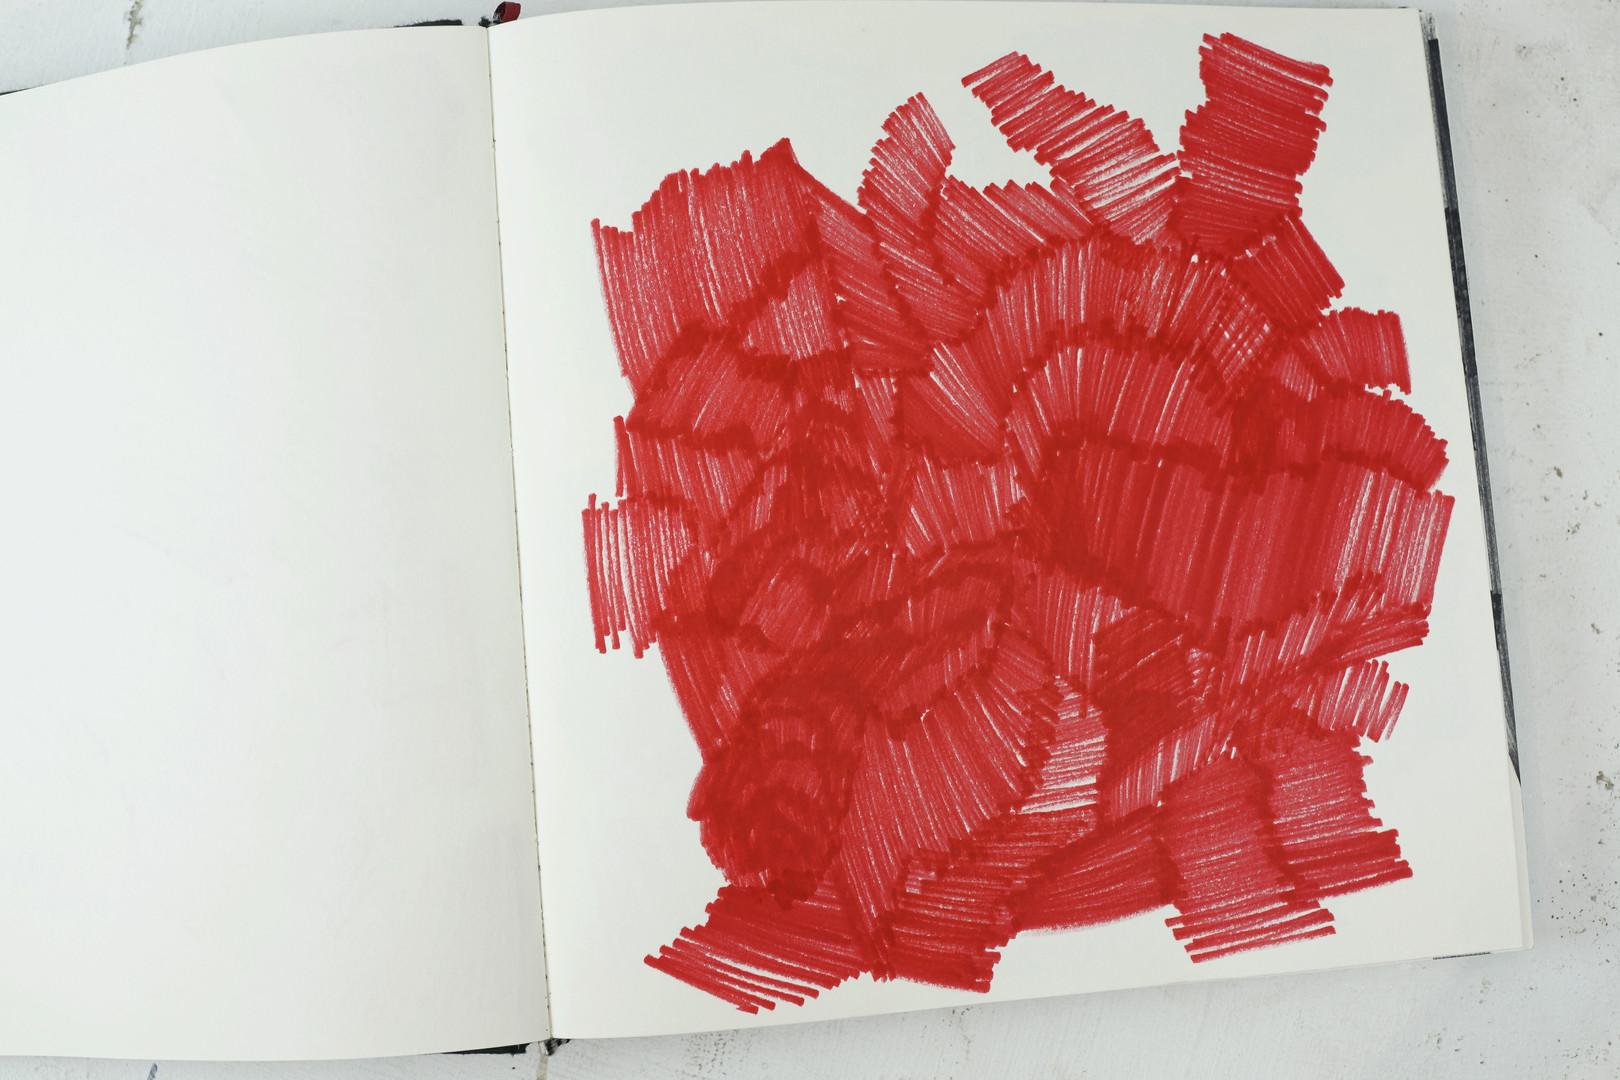 la roja 2.jpg